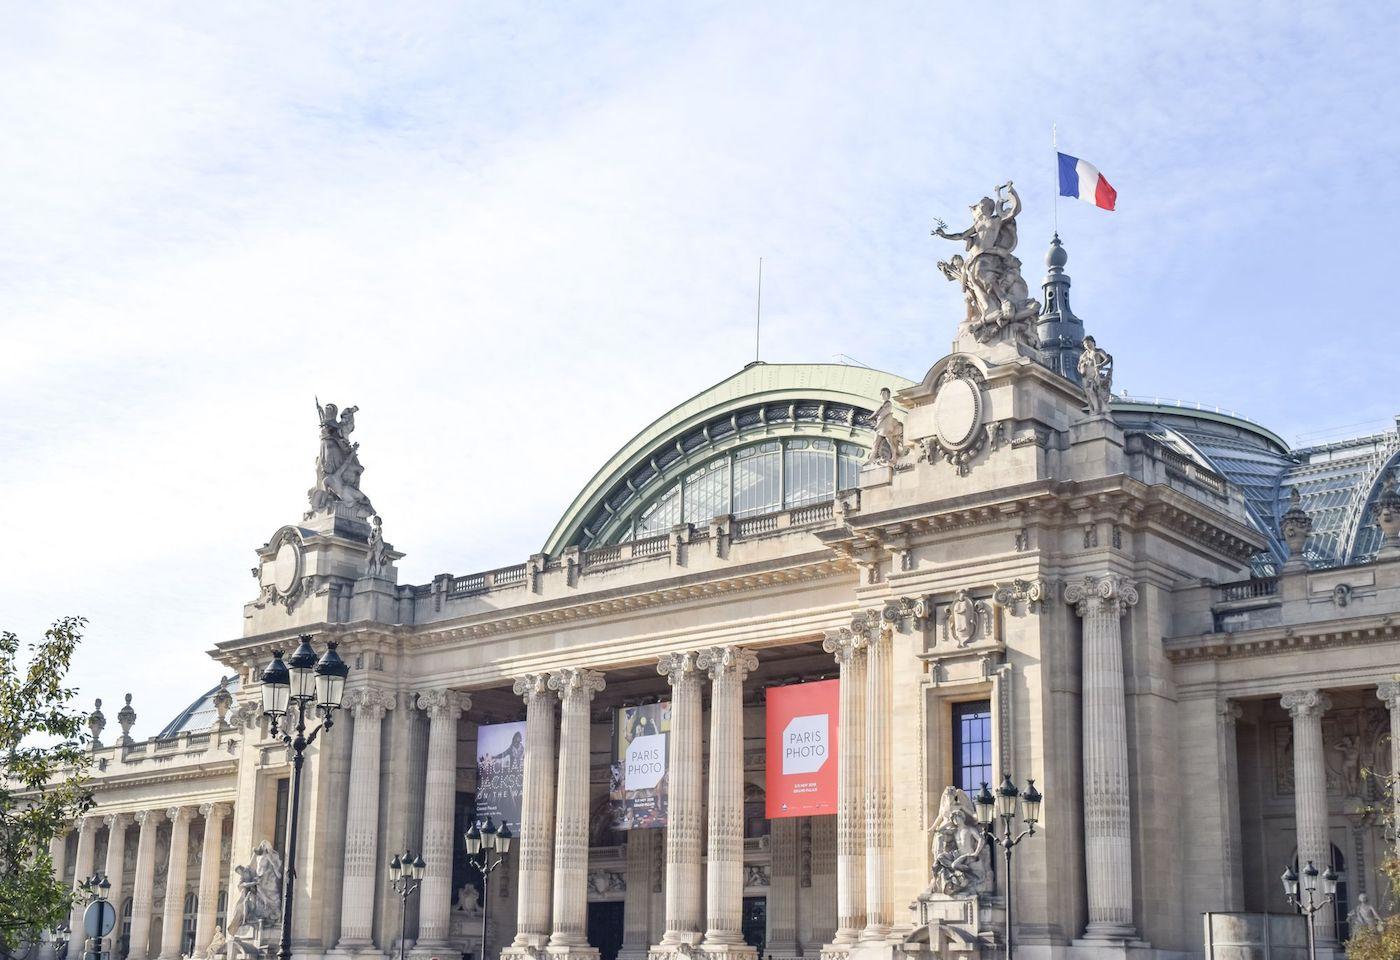 Entrance Grand Palais, Paris